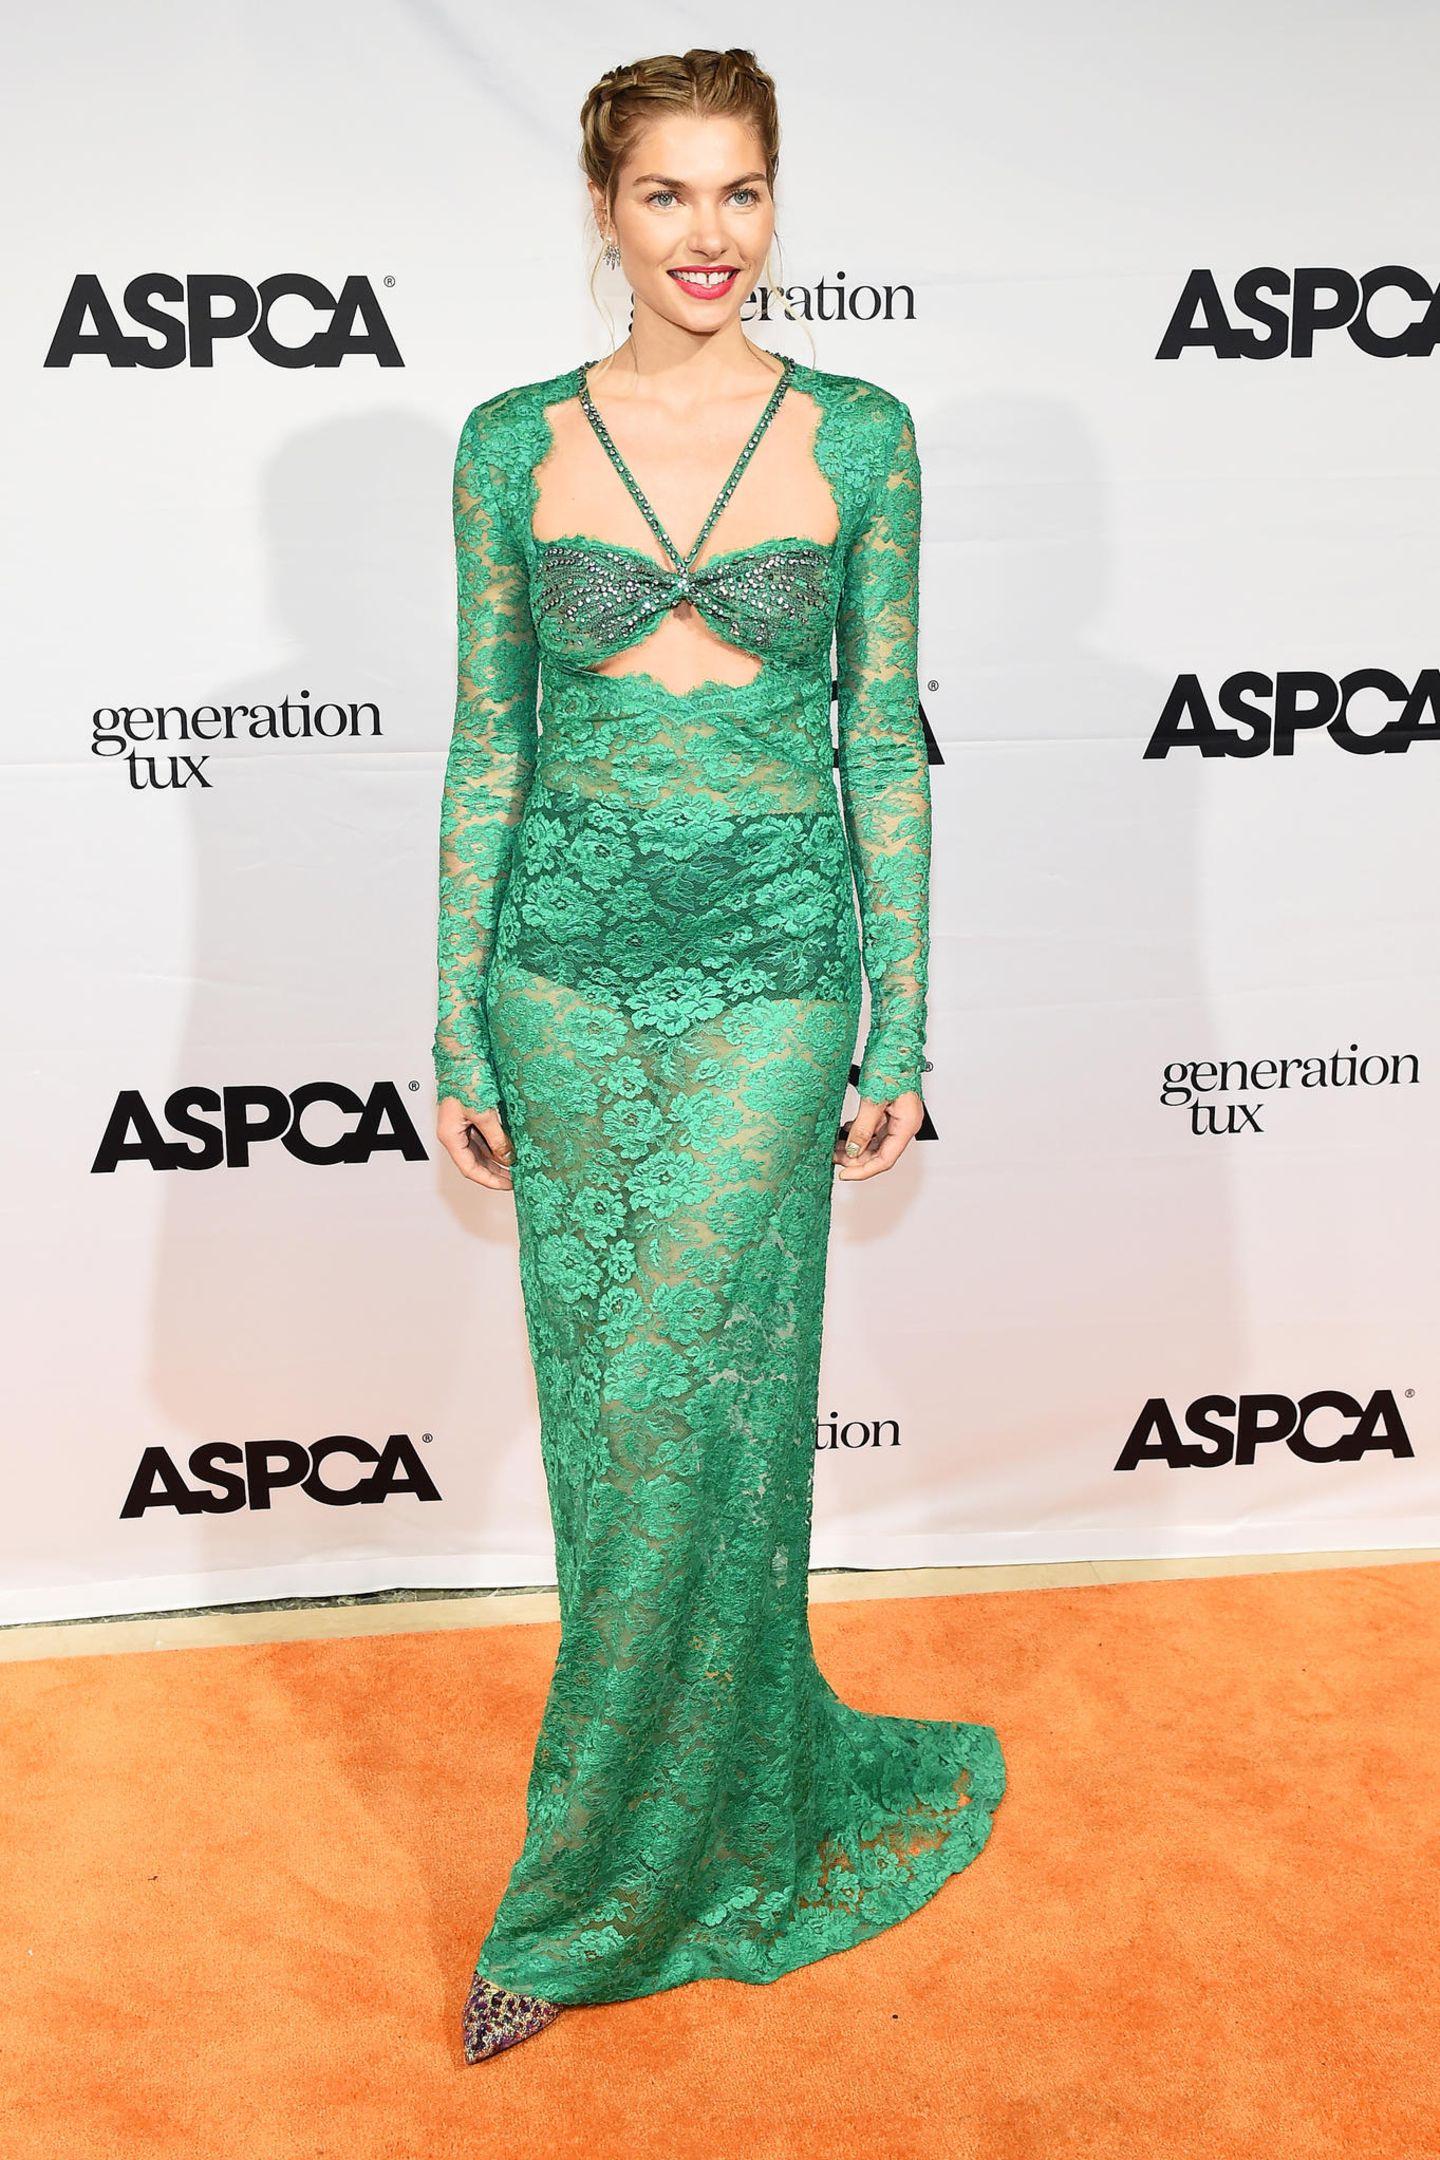 """Nackte Tatsachen auf dem Red Carpet einer Veranstaltung der """"American Society for the Prevention of Cruelty to Animals"""". Model Jessica Hart zeigt sich in einem grünen und ziemlich durchsichtigen Spitzenkleid des Labe Dundas. Ein cooler Look - doch schwarze Unterwäsche ist für dieses Kleid vielleicht nicht die richtige Wahl."""